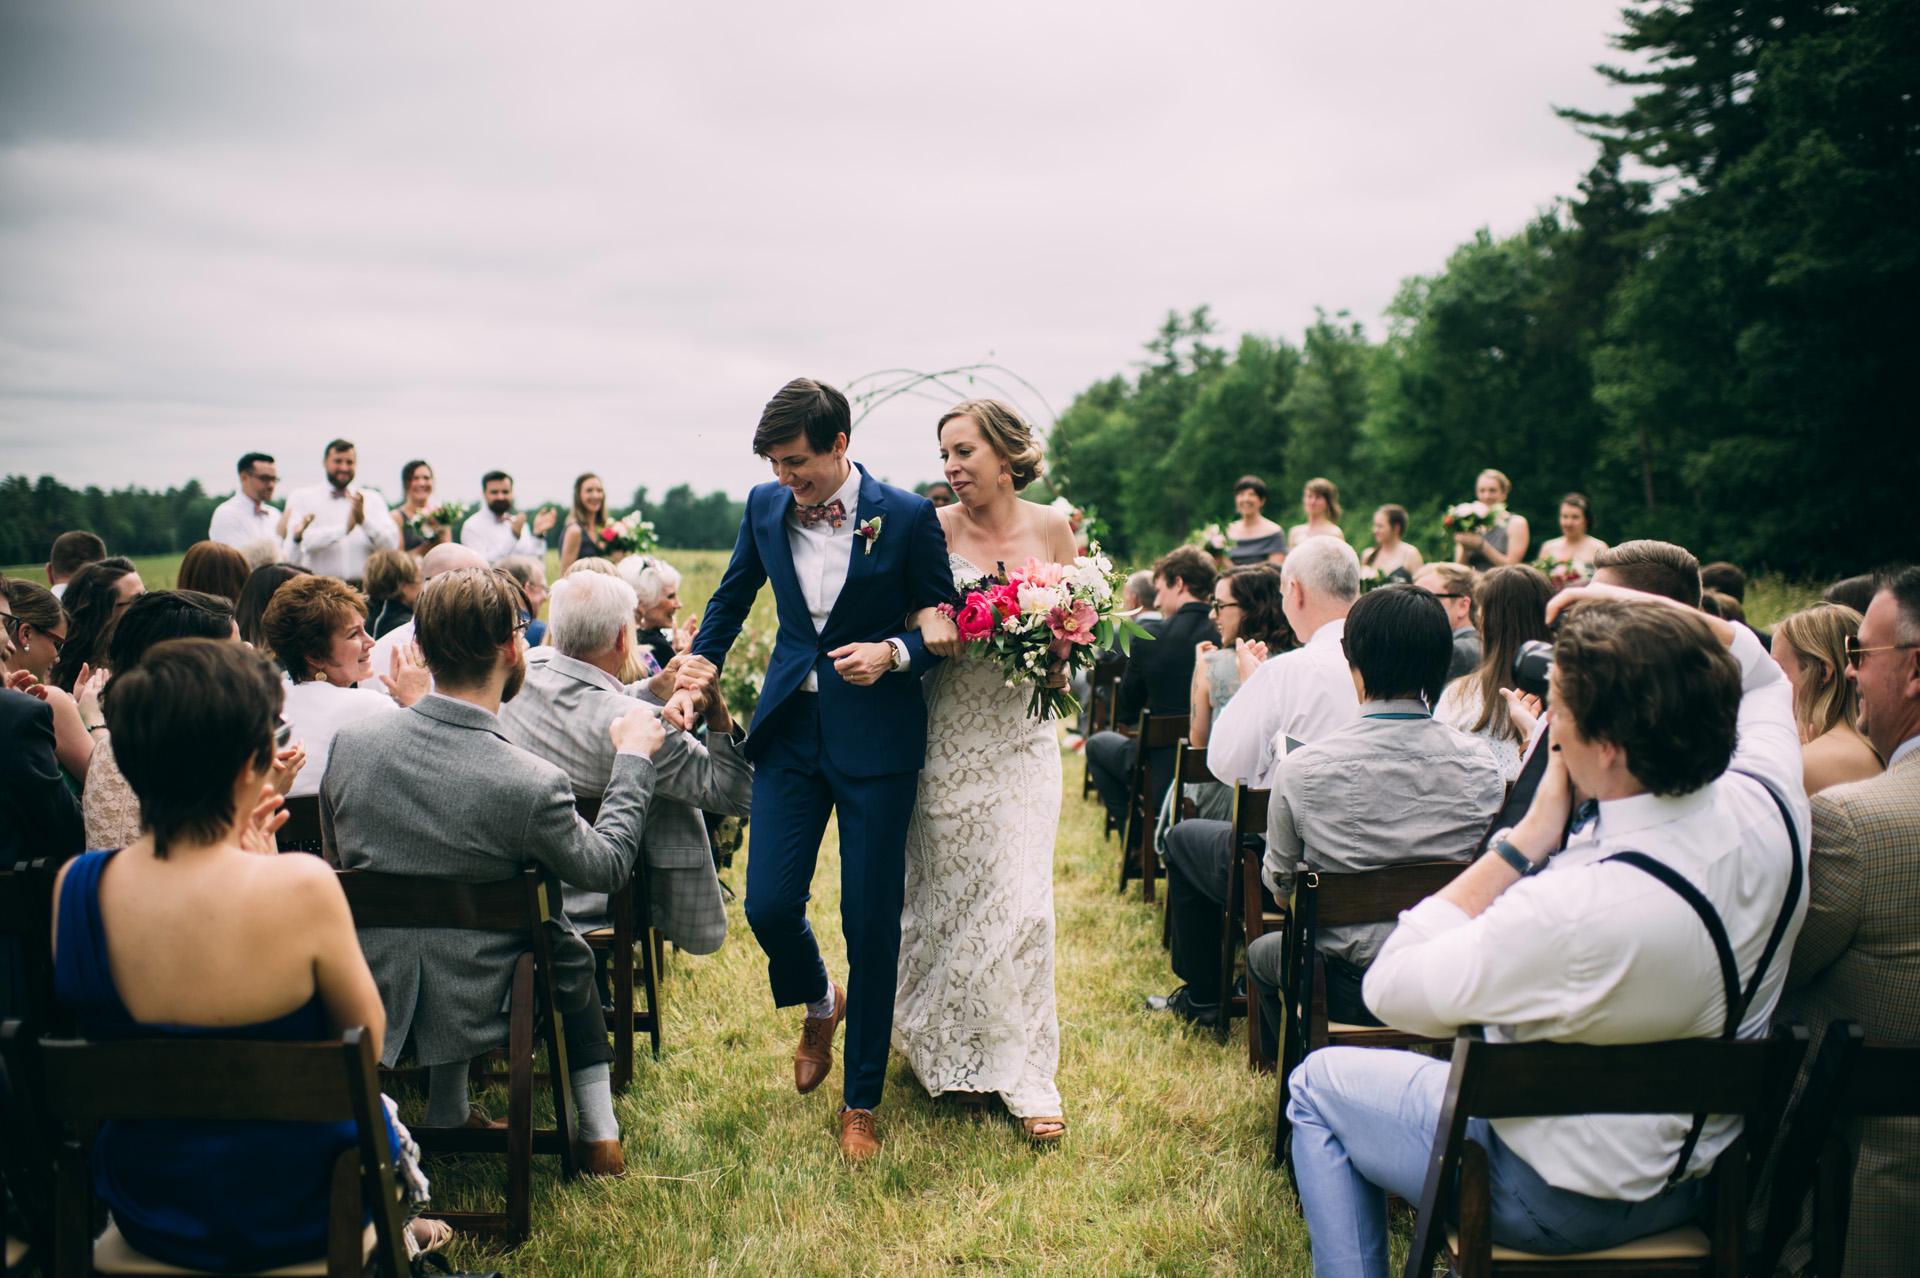 broadturn-farm-wedding-44